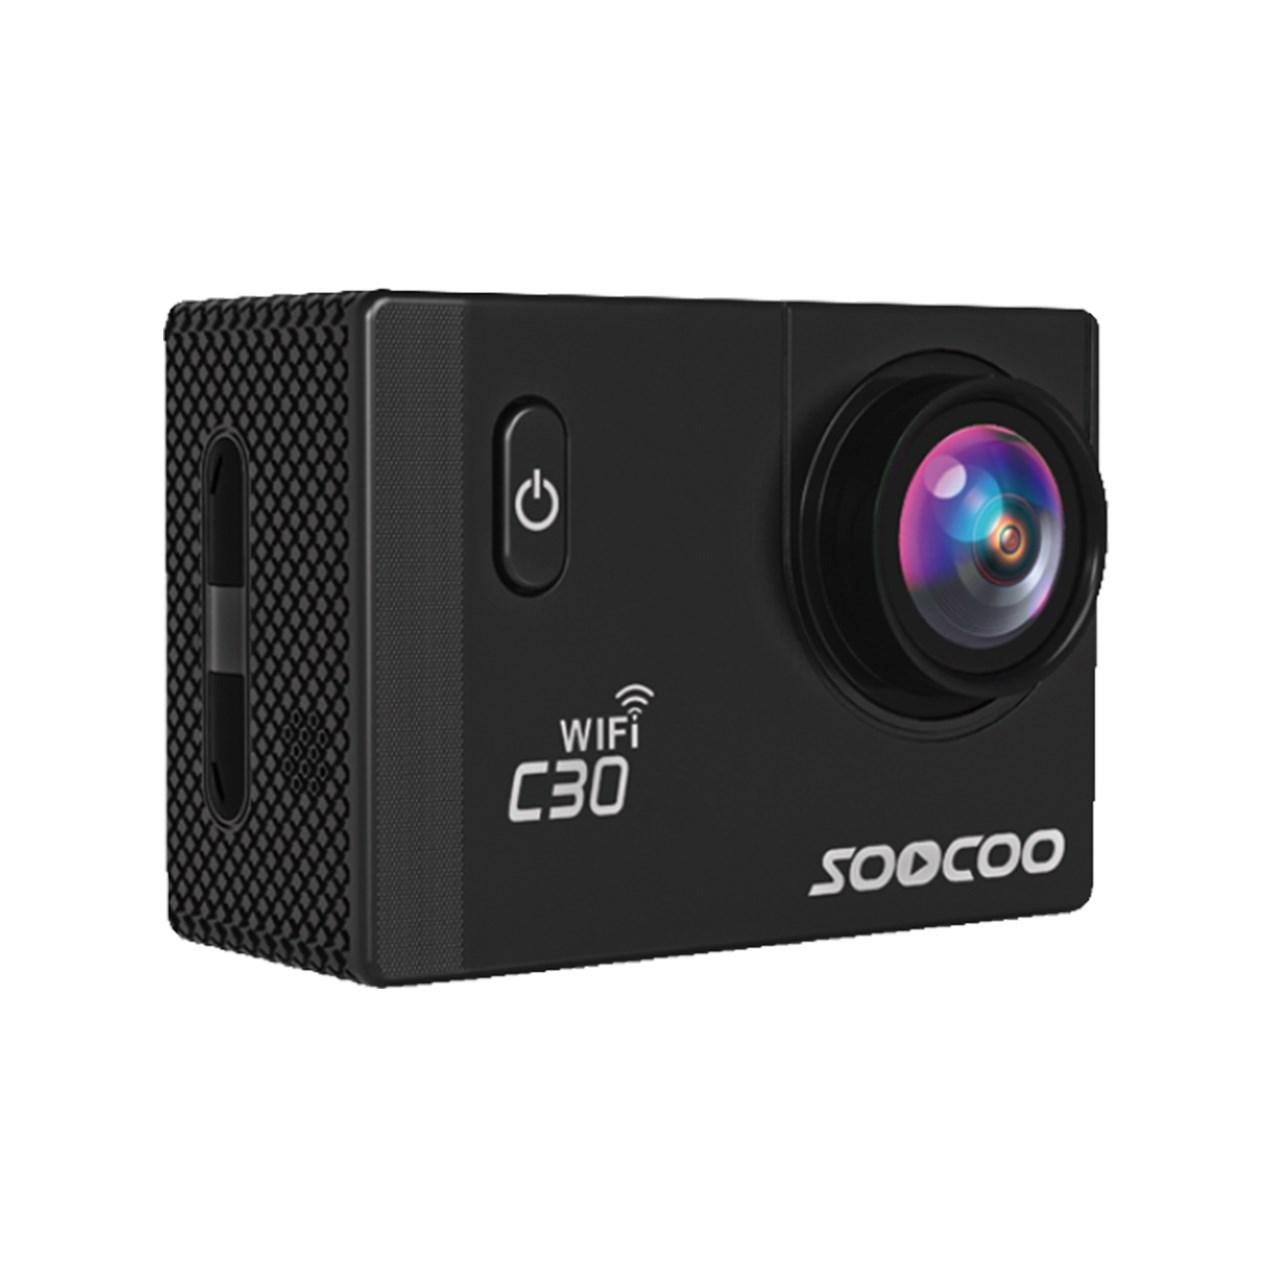 دوربین فیلم برداری ورزشی سوکو مدل C30R